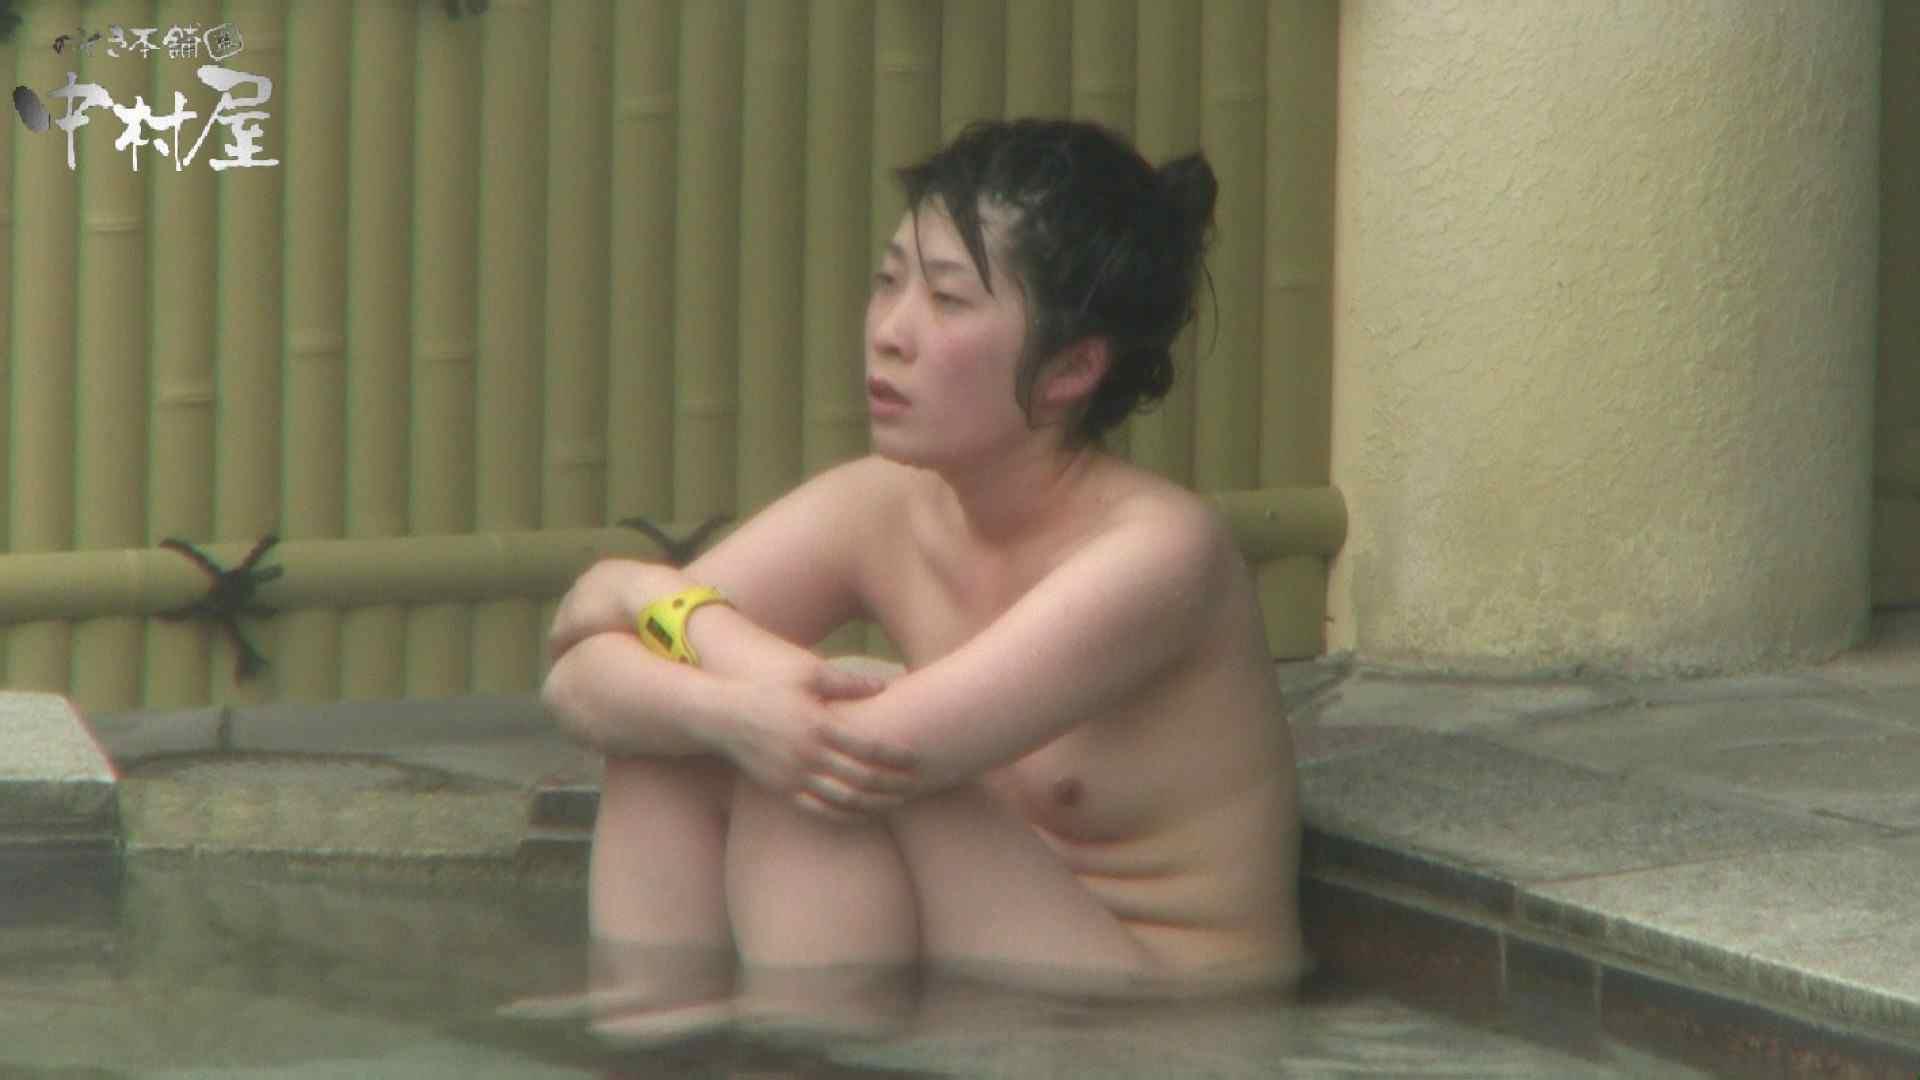 Aquaな露天風呂Vol.955 美しいOLの裸体 エロ無料画像 85pic 53